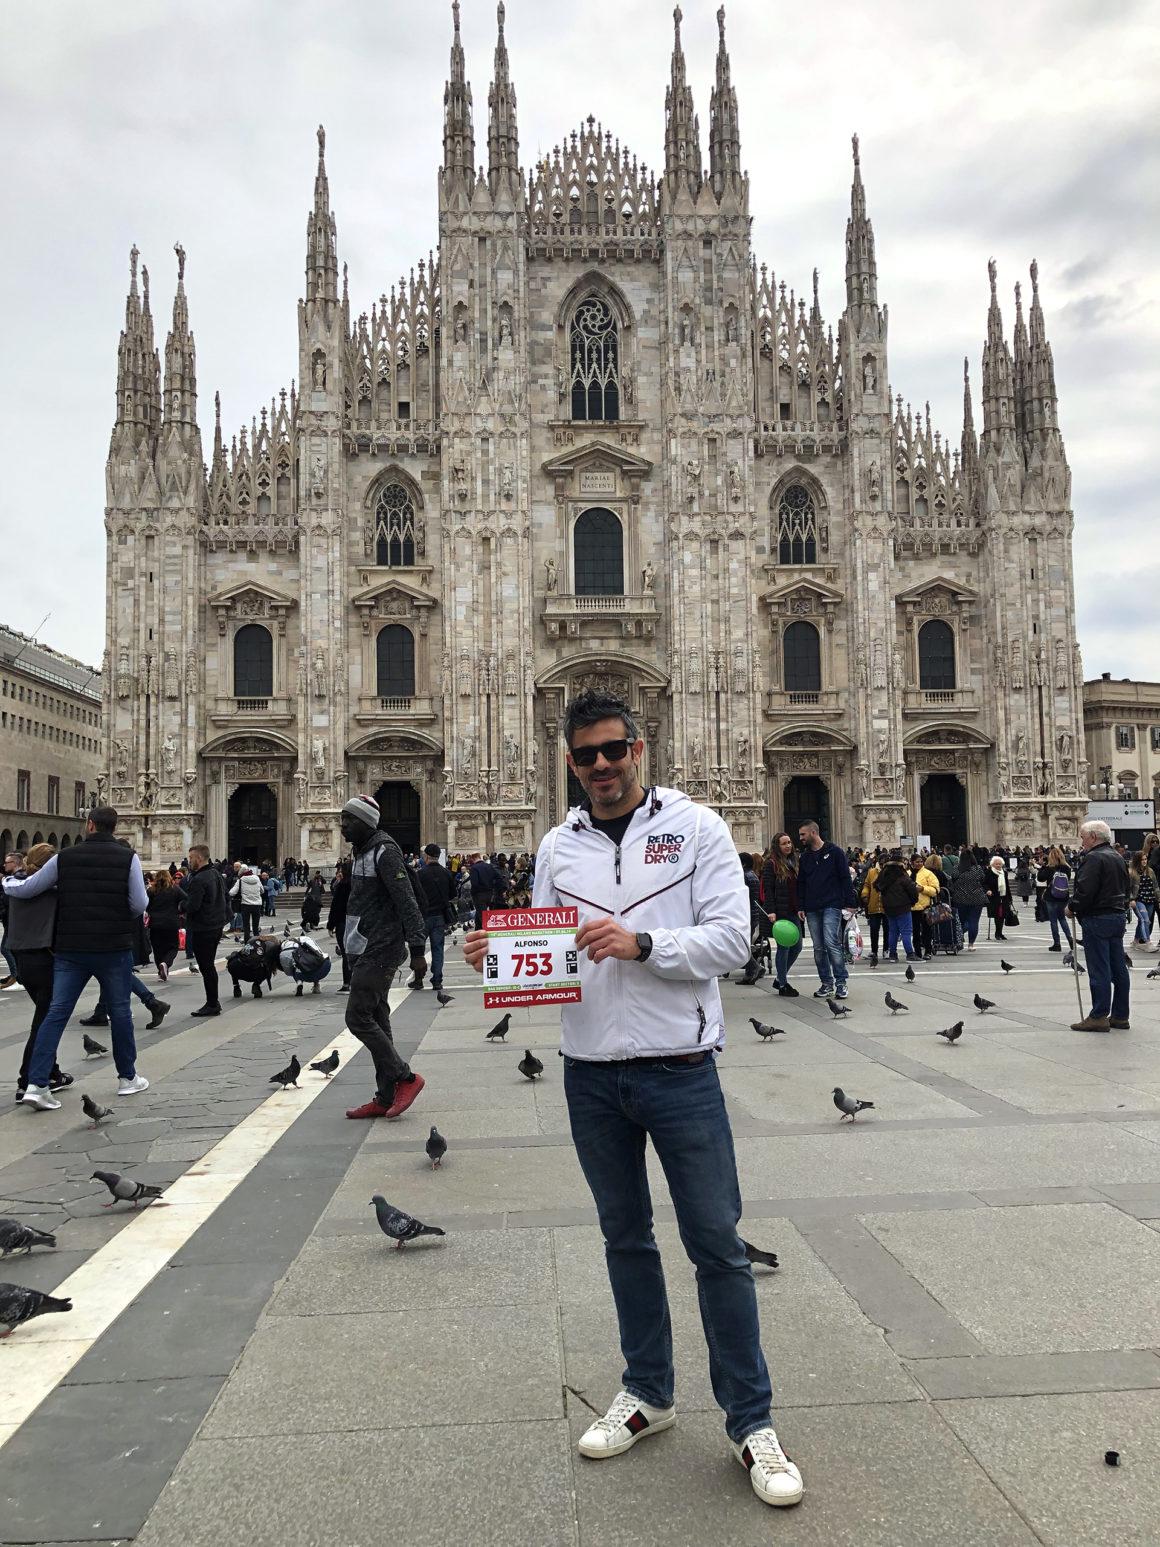 Maratón de Milán - Milan Marathon Maratona maratón de milán - maraton de milan milano maratona marathon italy italia 17 1160x1547 - Maratón de Milán: análisis, recorrido, entrenamiento y recomendaciones de viaje